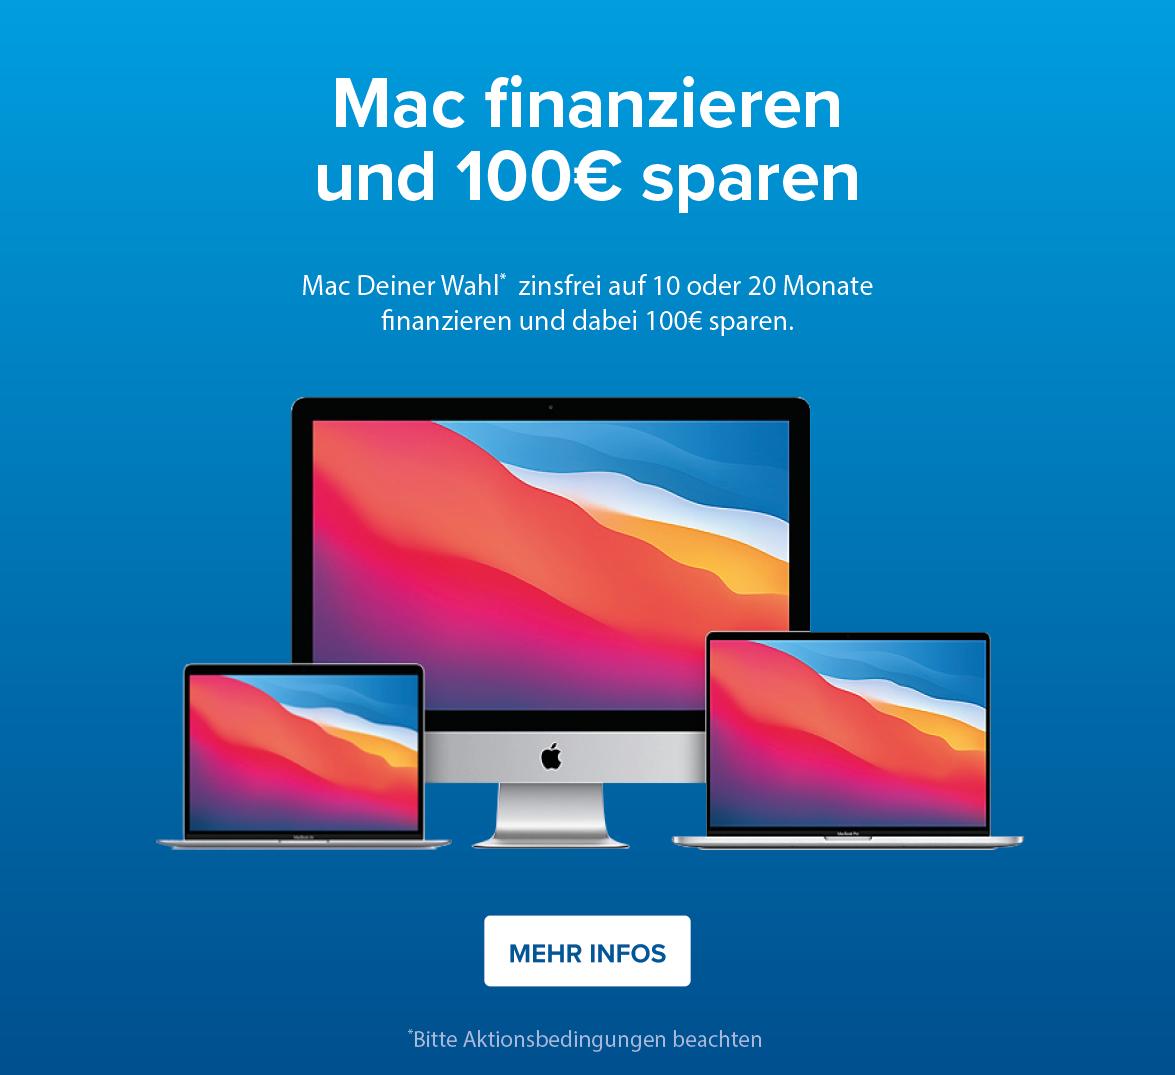 100€ sparen bei Finanzierung eines Mac